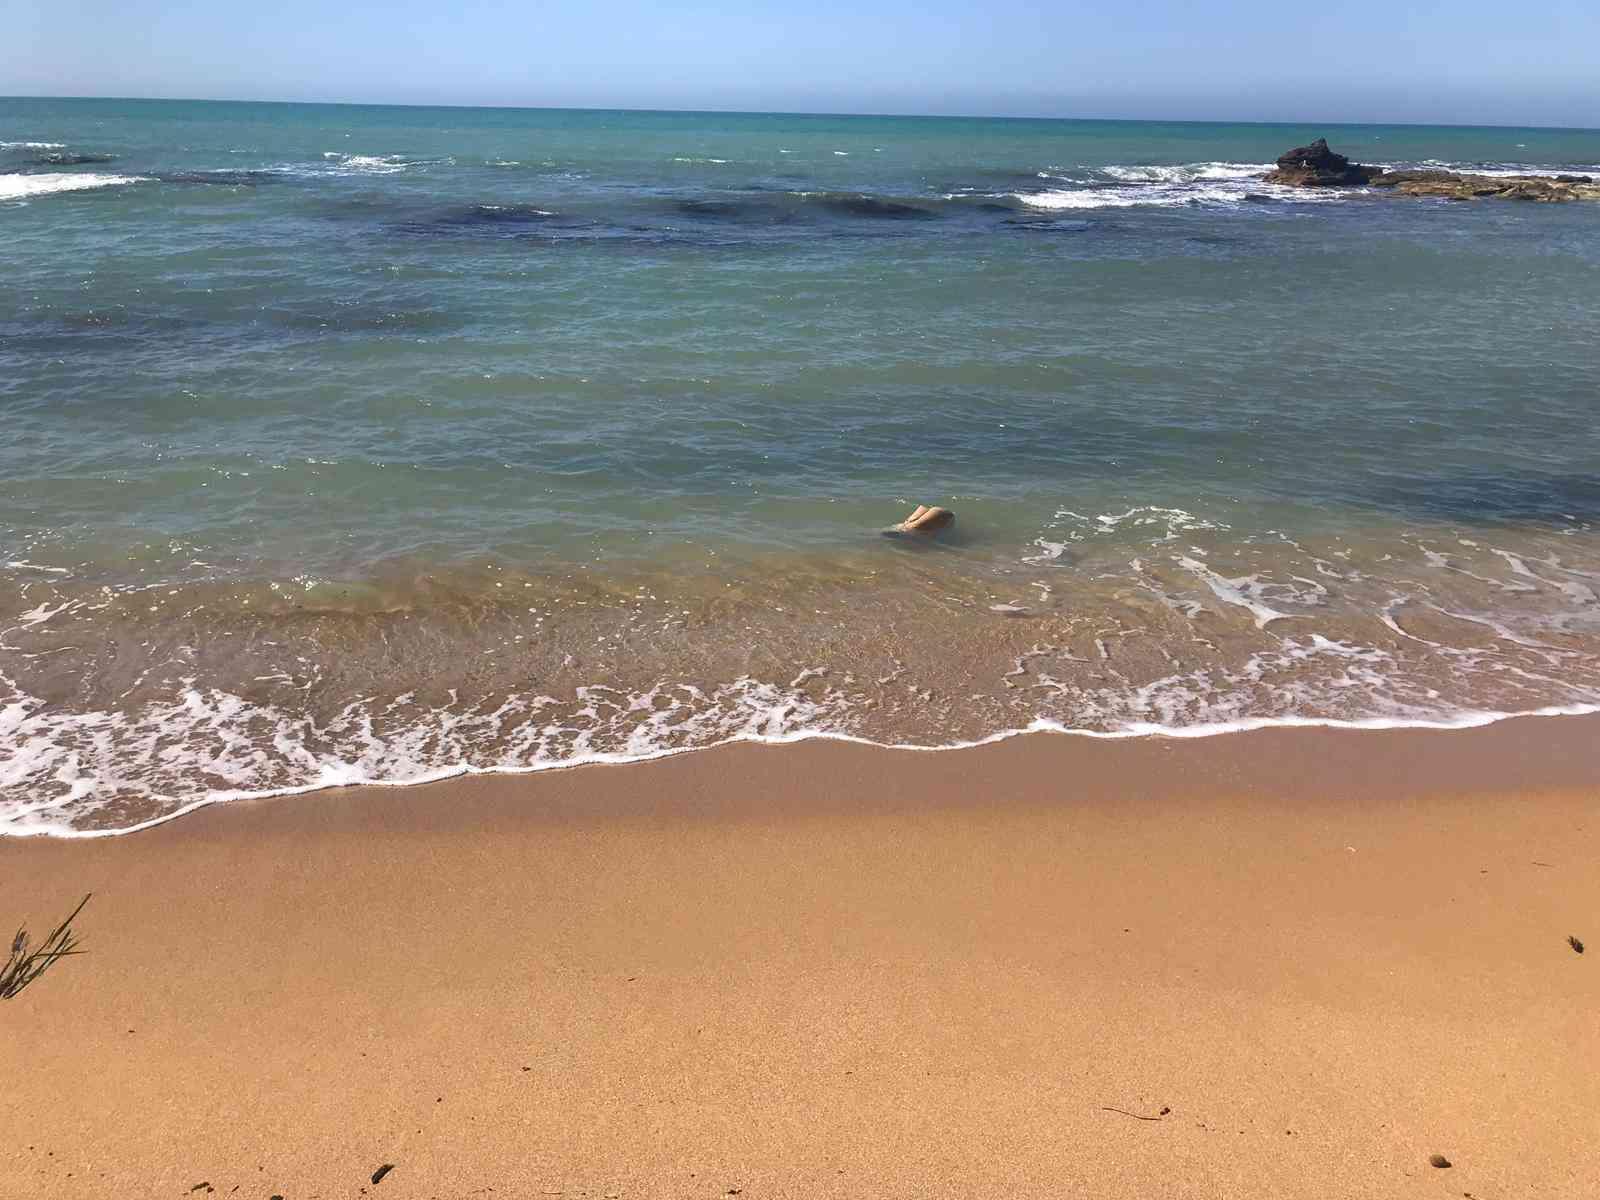 Immagine articolo: Menfi. Ritrovati due giubotti in mare da un giovane. Potrebbero appartenere a sfortunati migranti